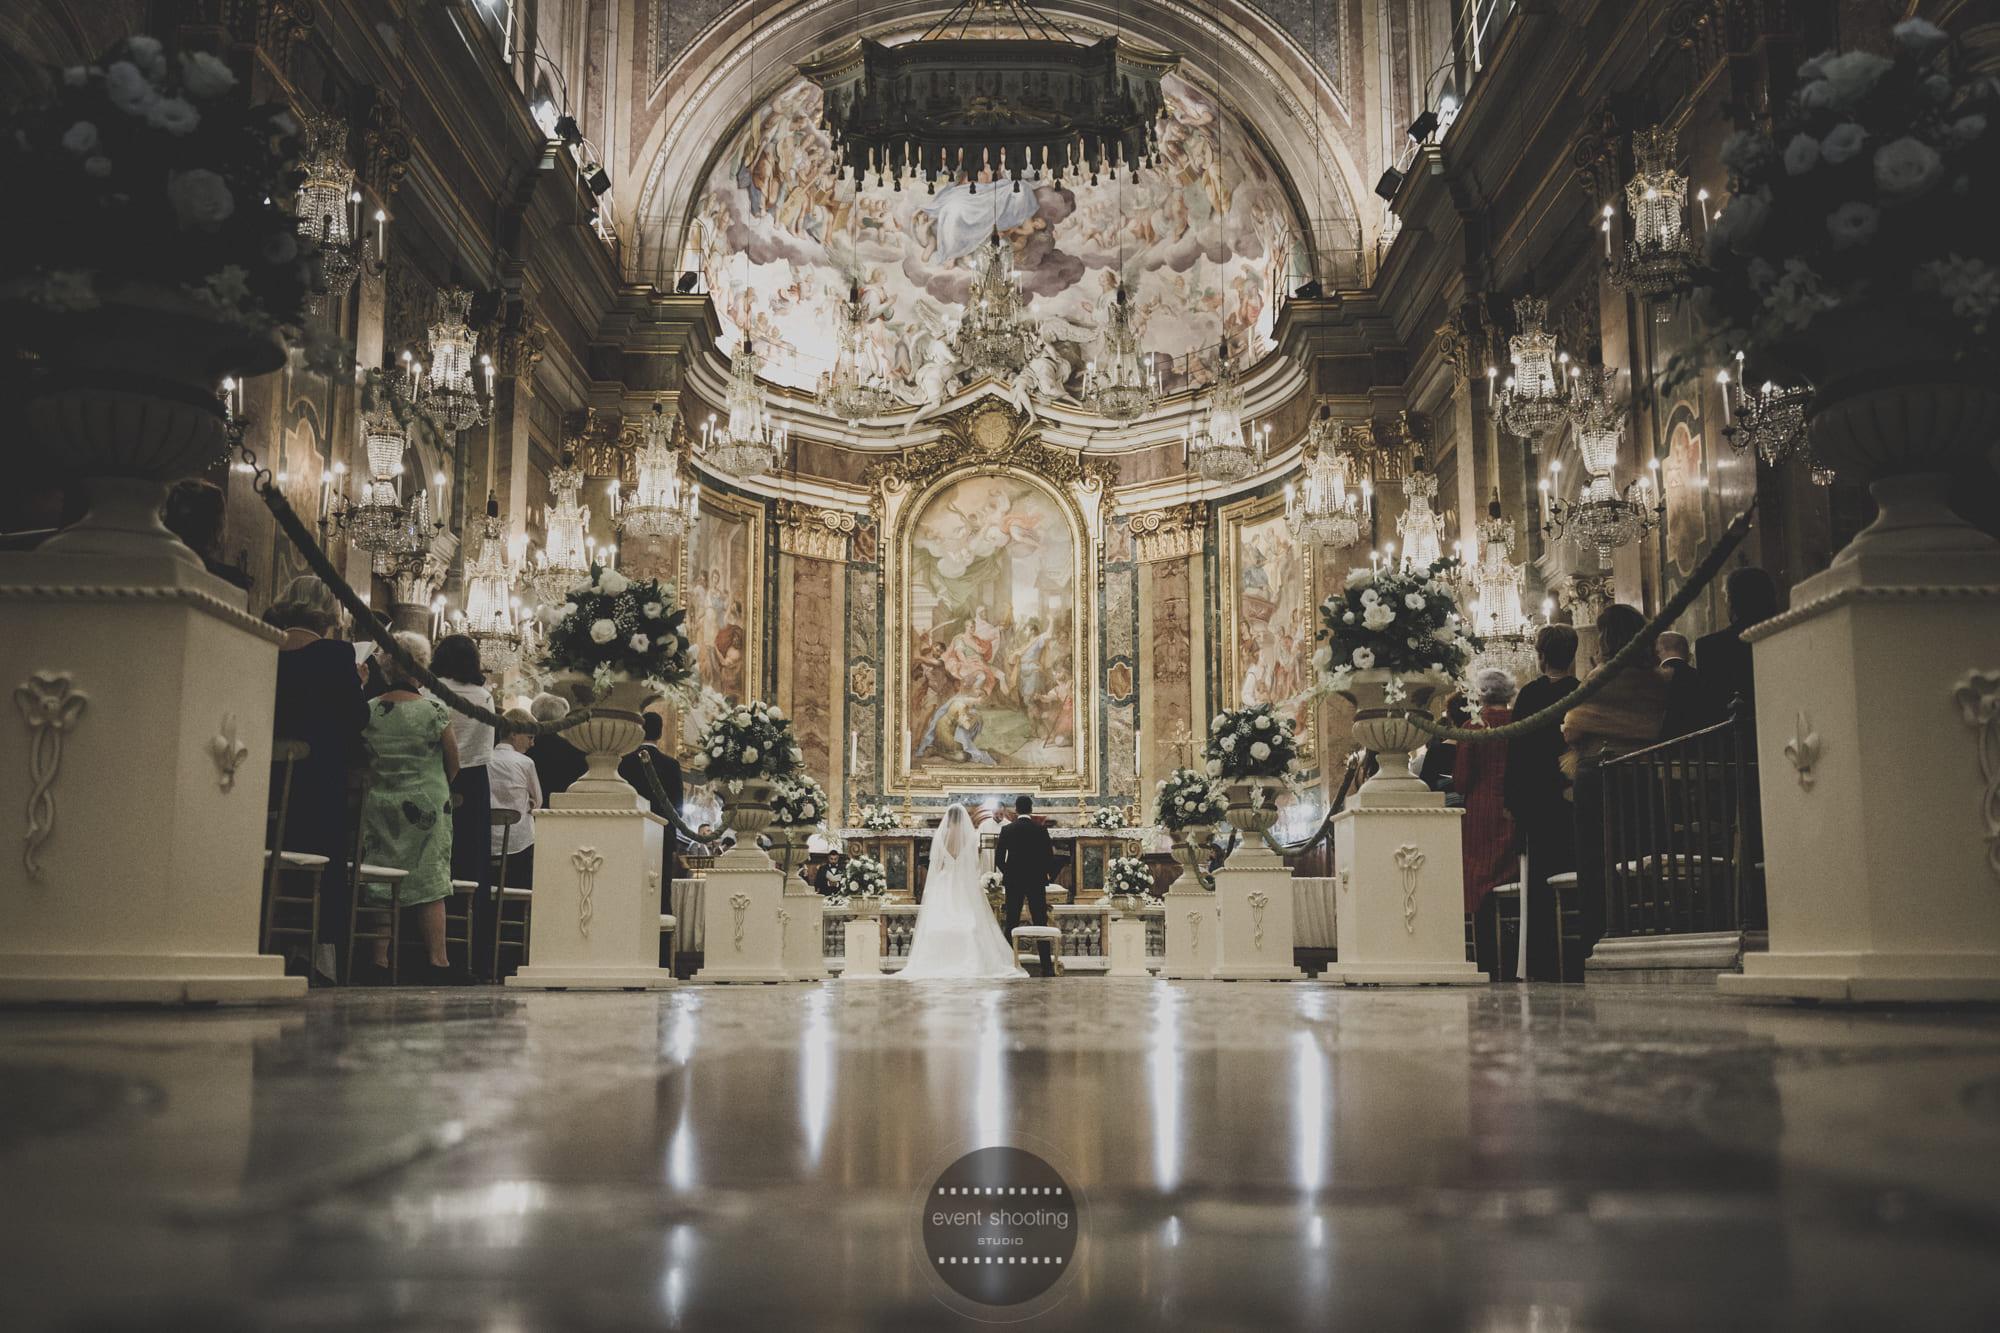 Basilica Santi Giovanni E Paolo al celio | Chiesa dei Lampadari | Event Shooting fotografo matrimonio roma